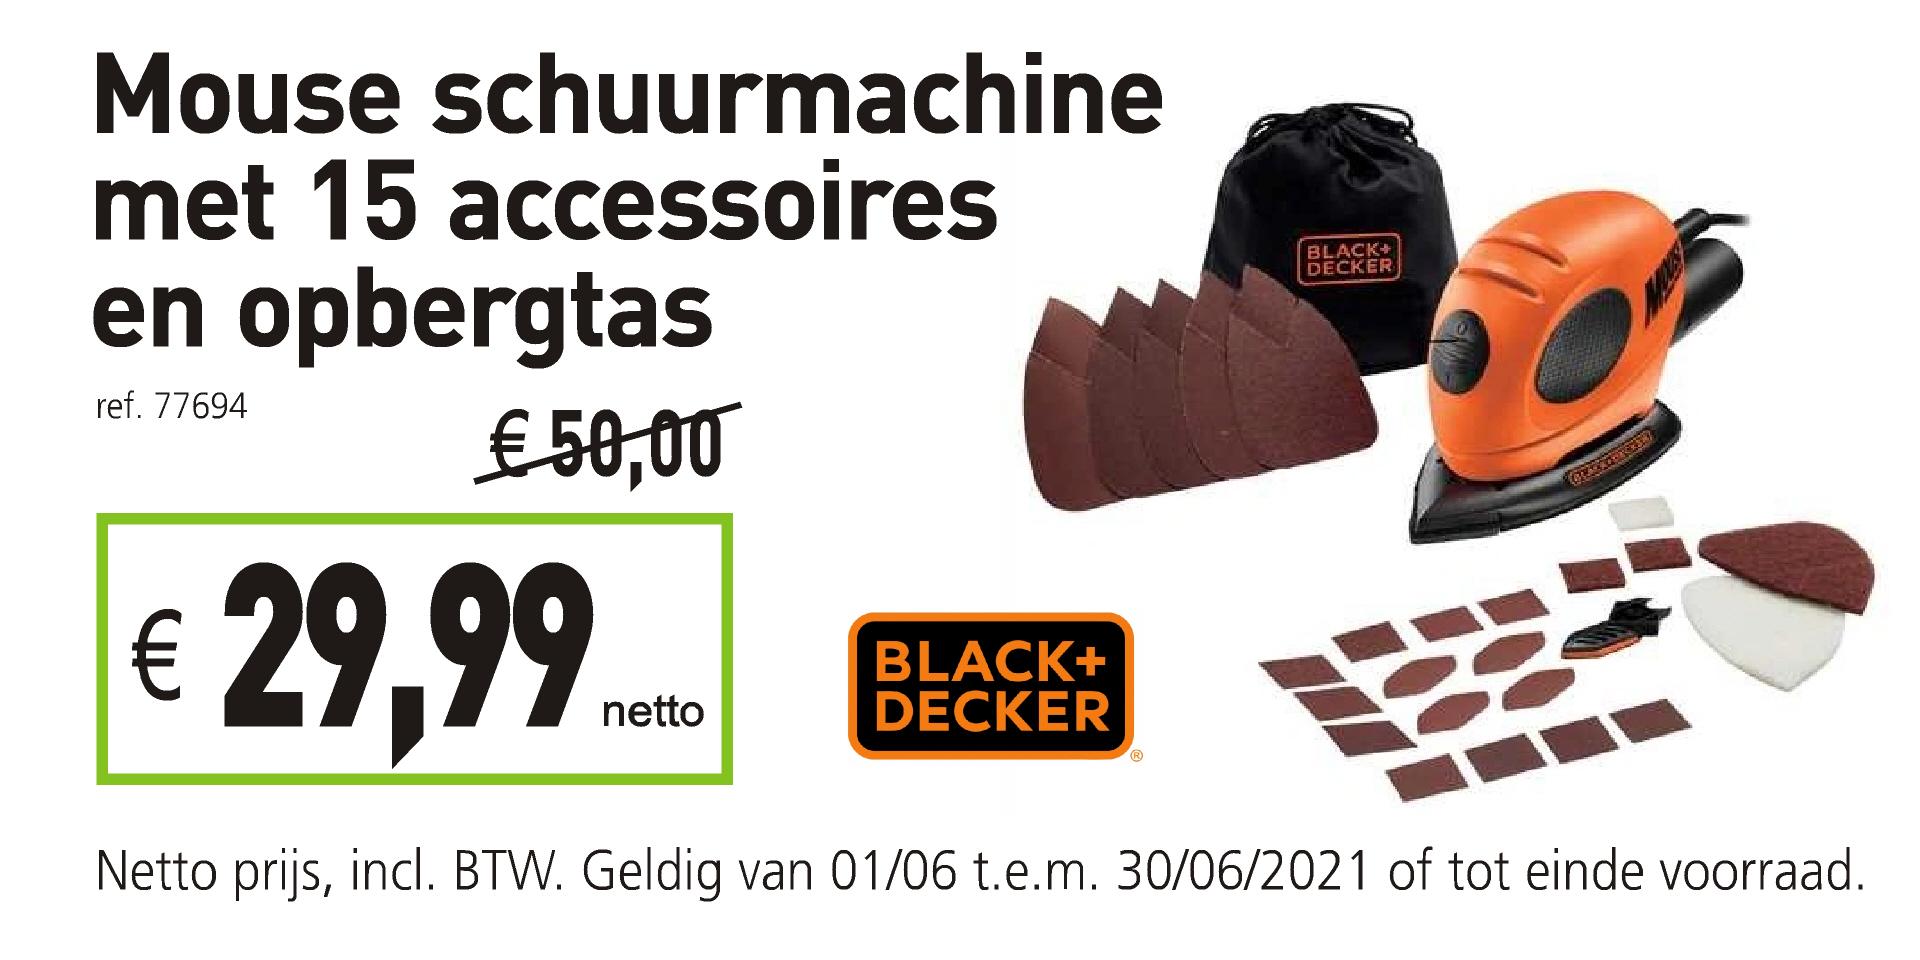 Mouse schuurmachine Black & Decker